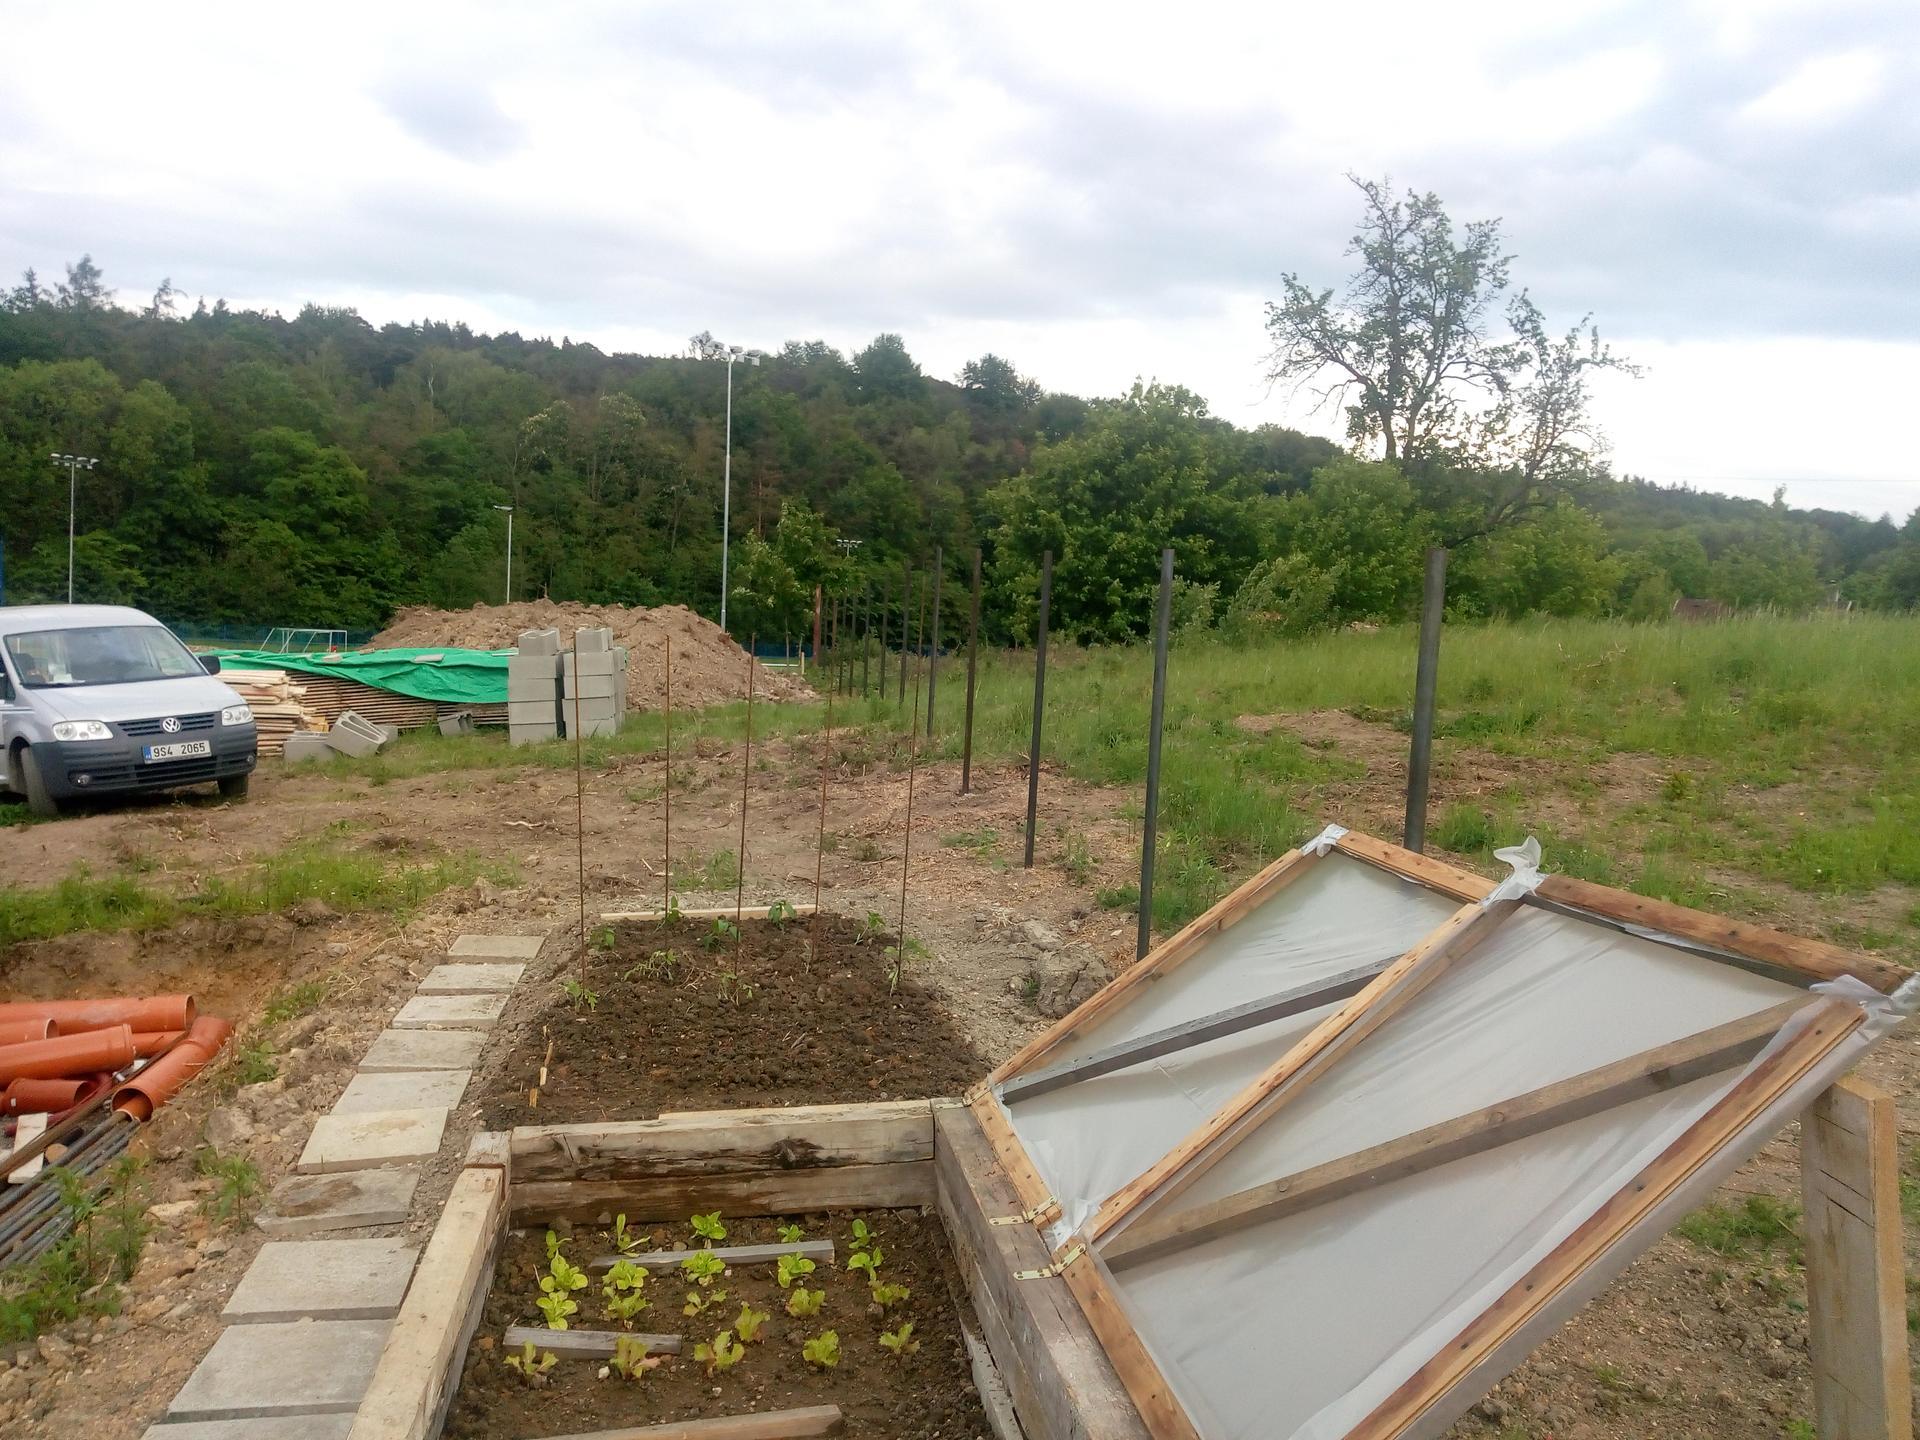 Příprava pozemku, bednění, základy, opěrka, bouda, plot - Obrázek č. 55